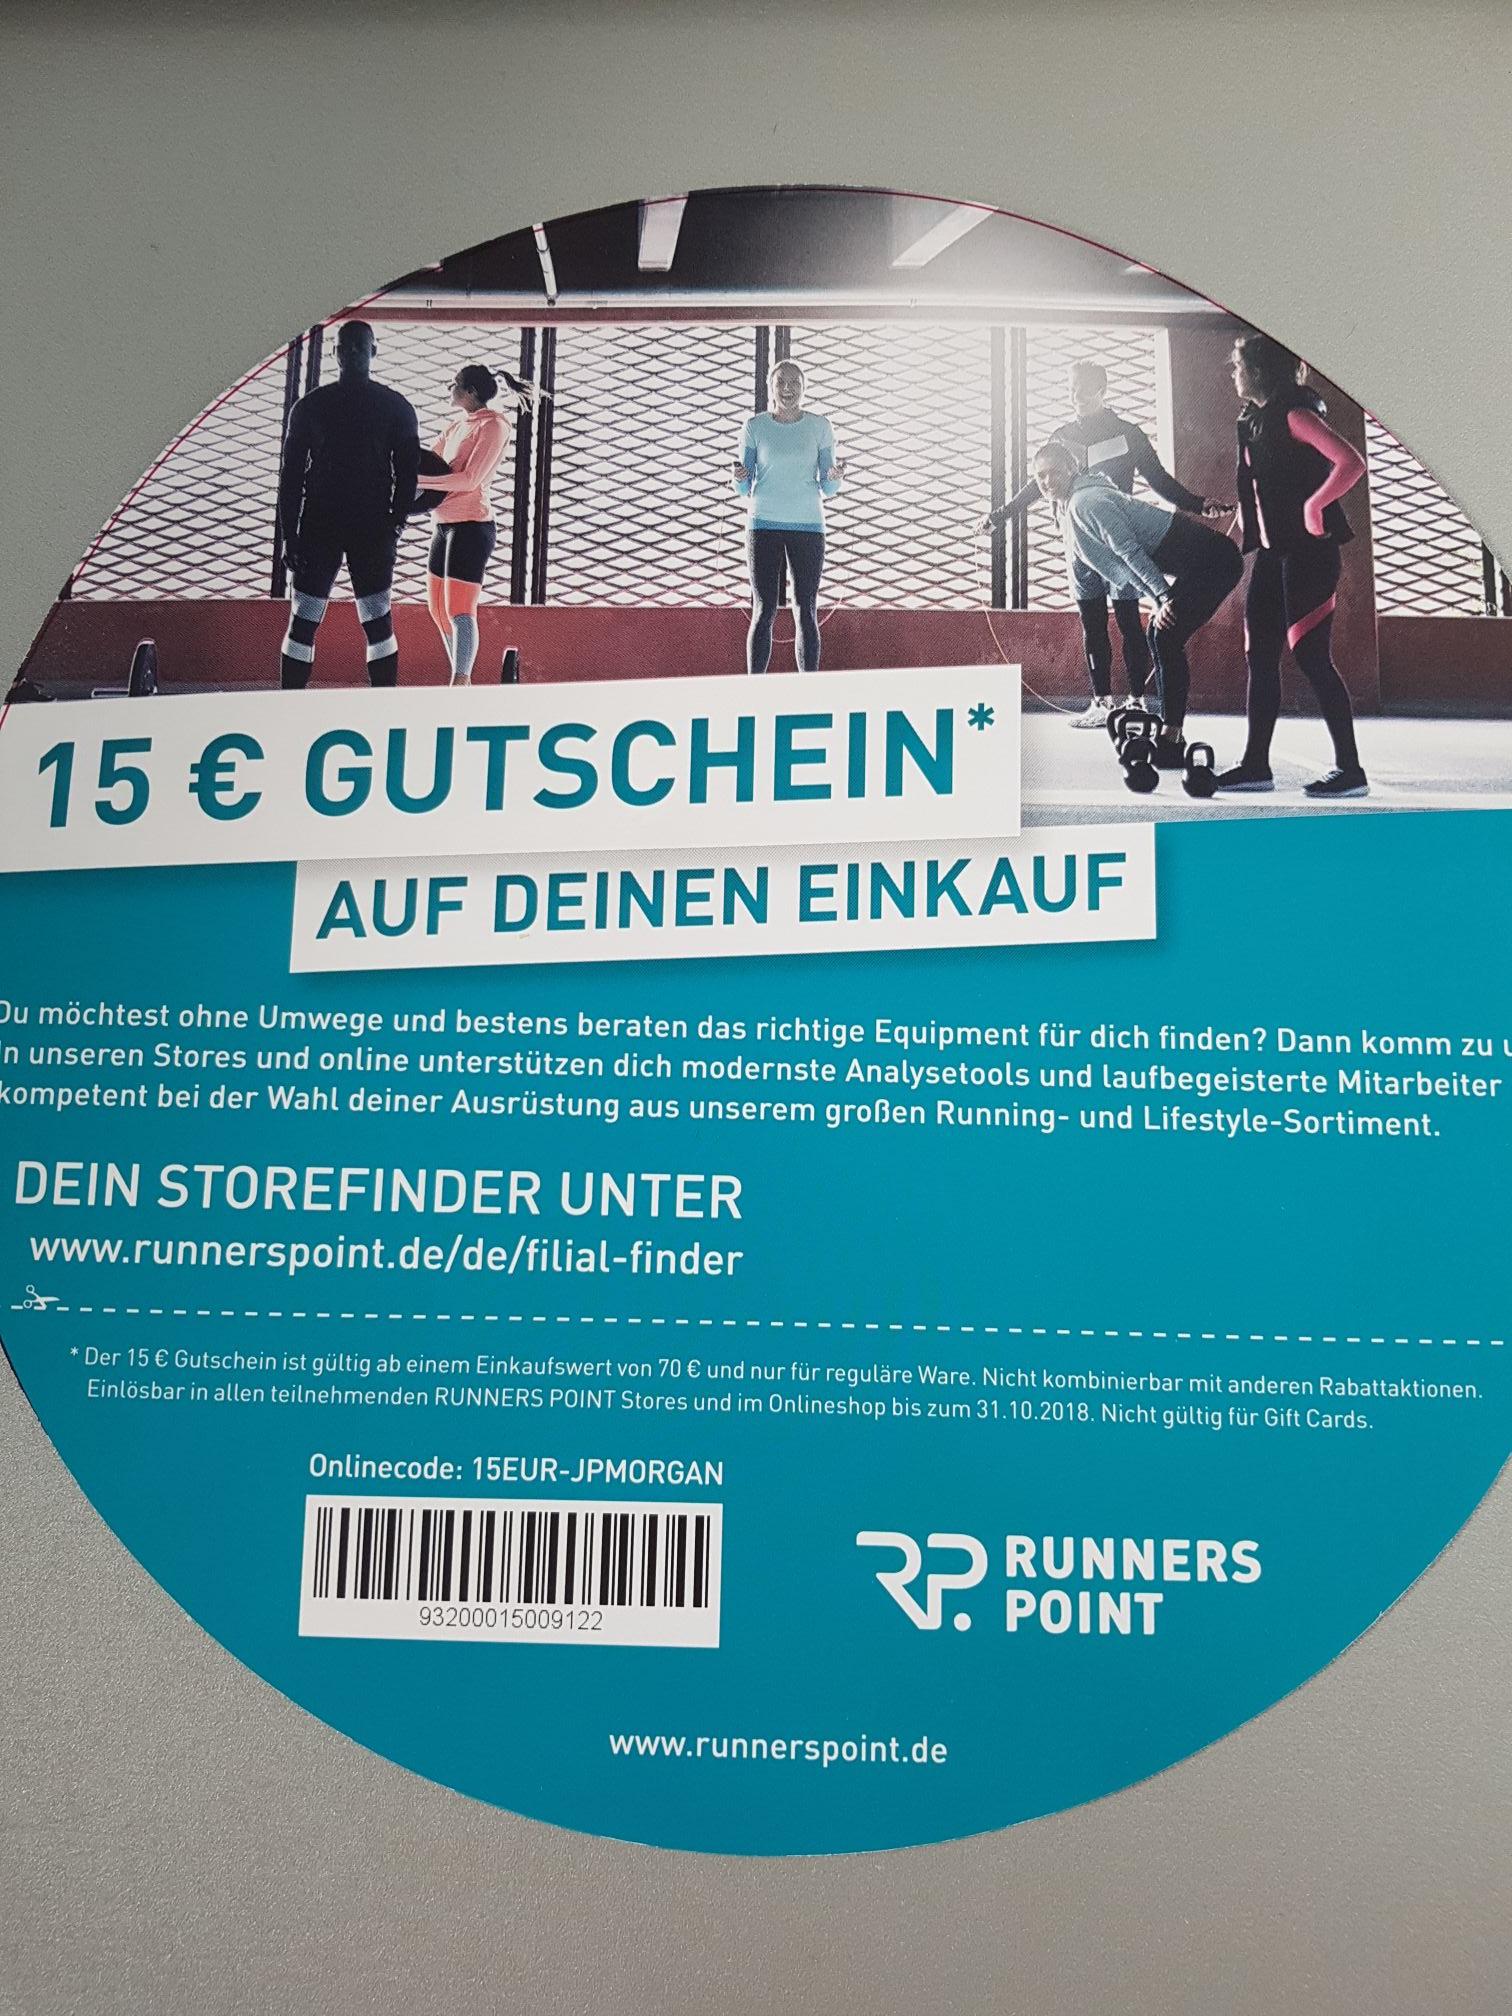 [Runners Point] 15€ Gutschein ab 70€ Einkaufswert (Online und in Stores)